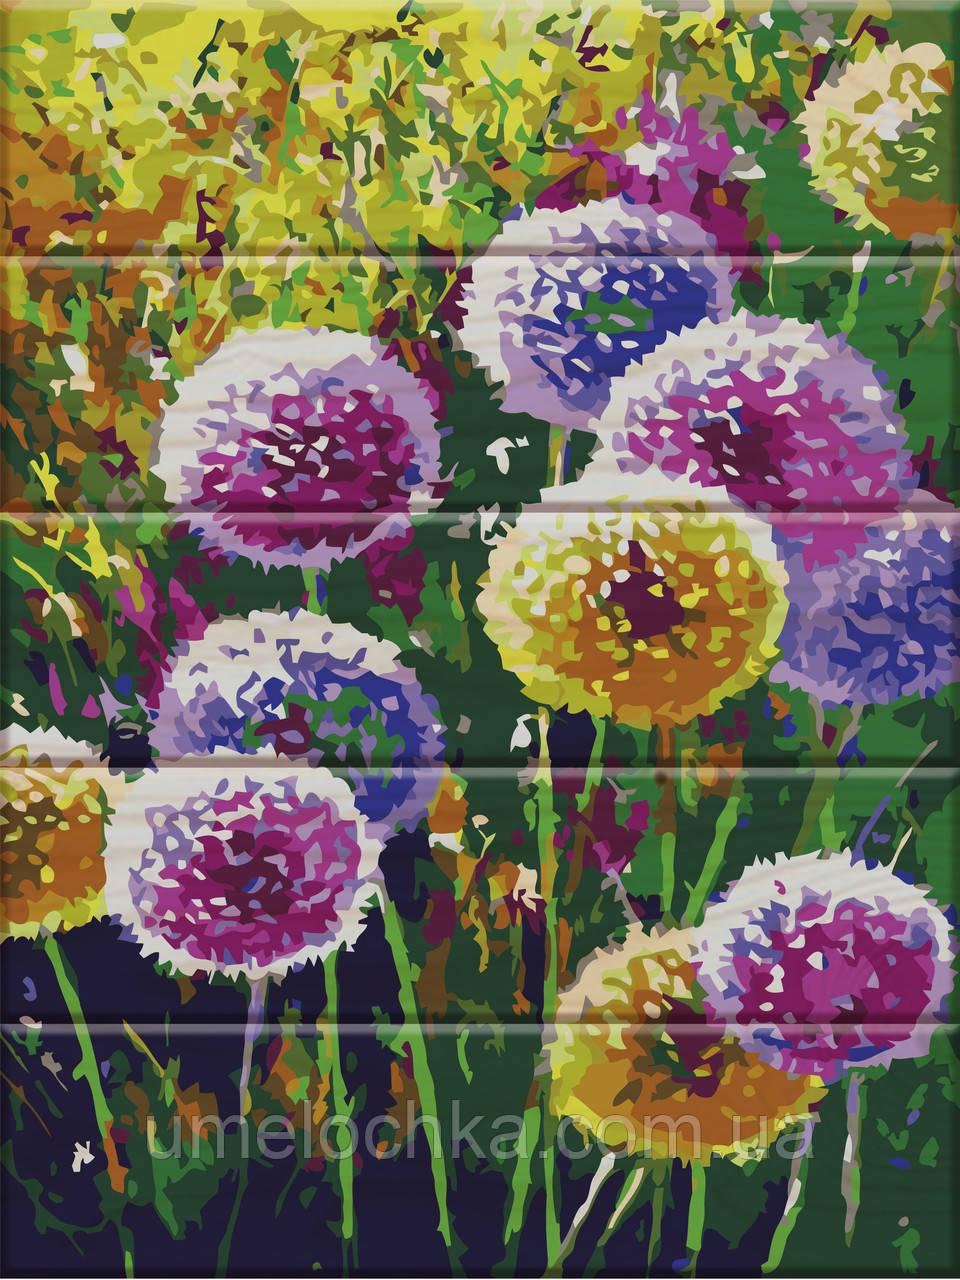 Картина по номерам Радужные одуванчики 30 х 40 см (ASW007)